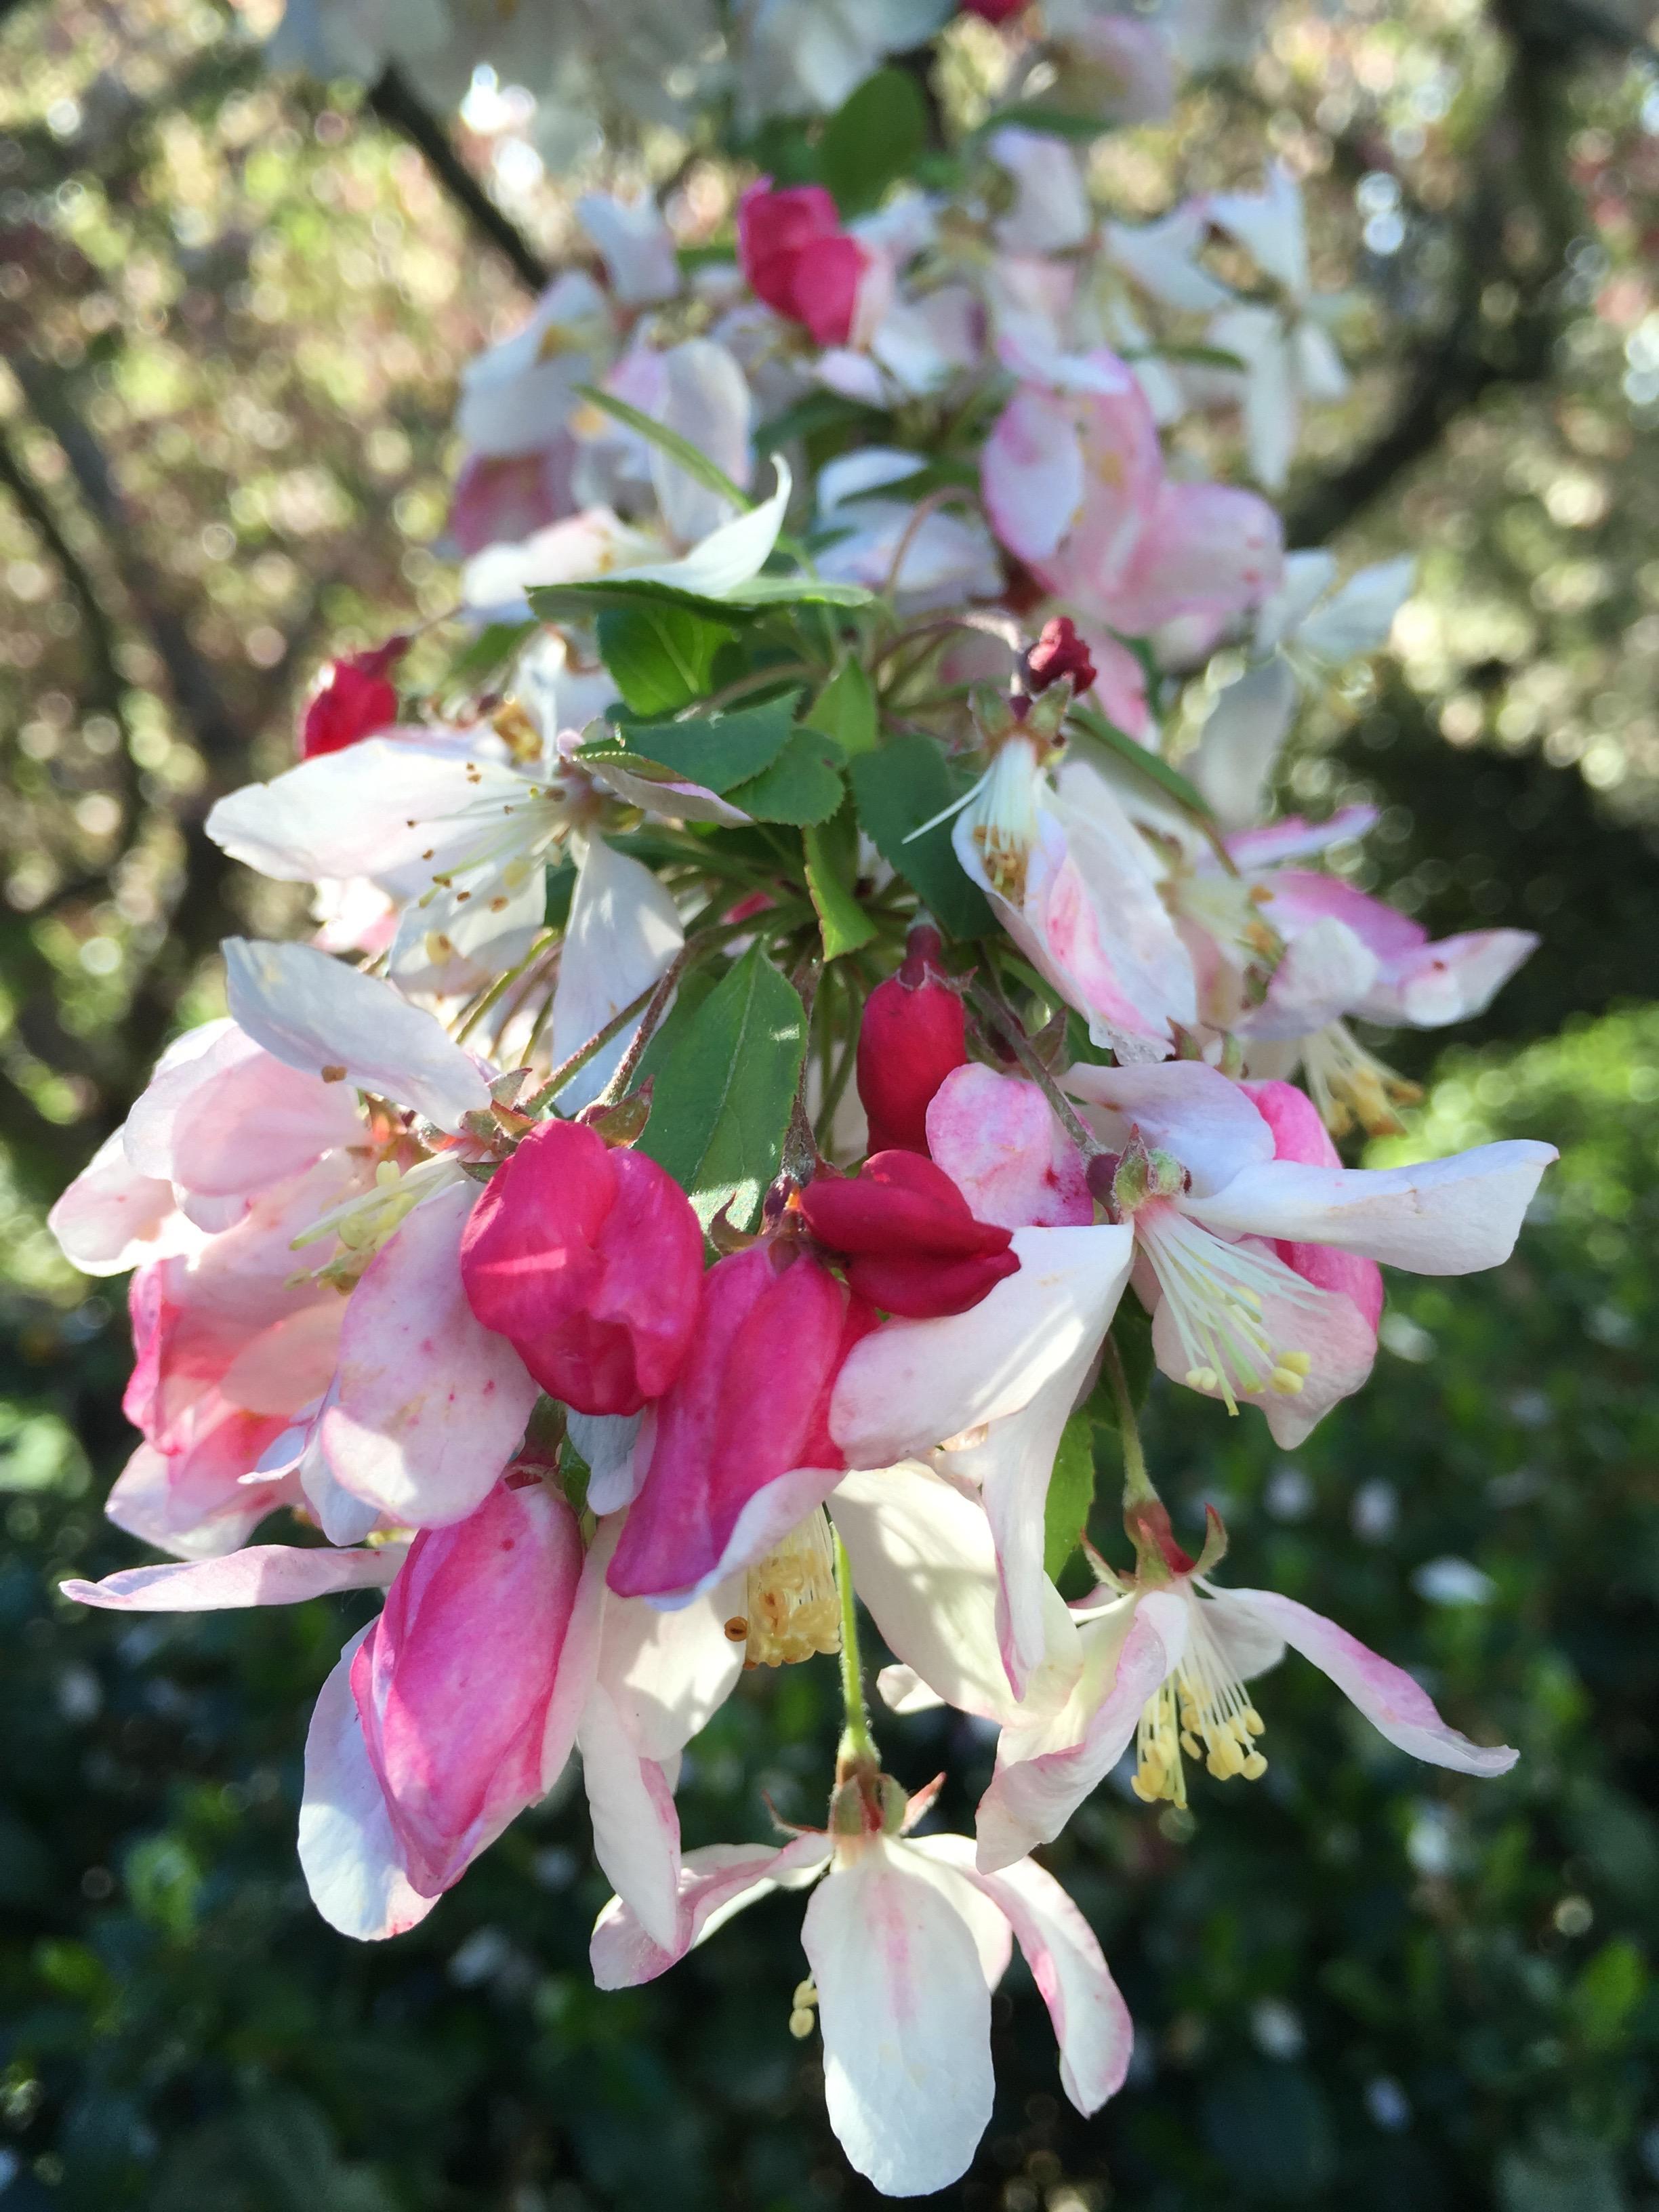 an ornamental apple tree in the farm's flower garden